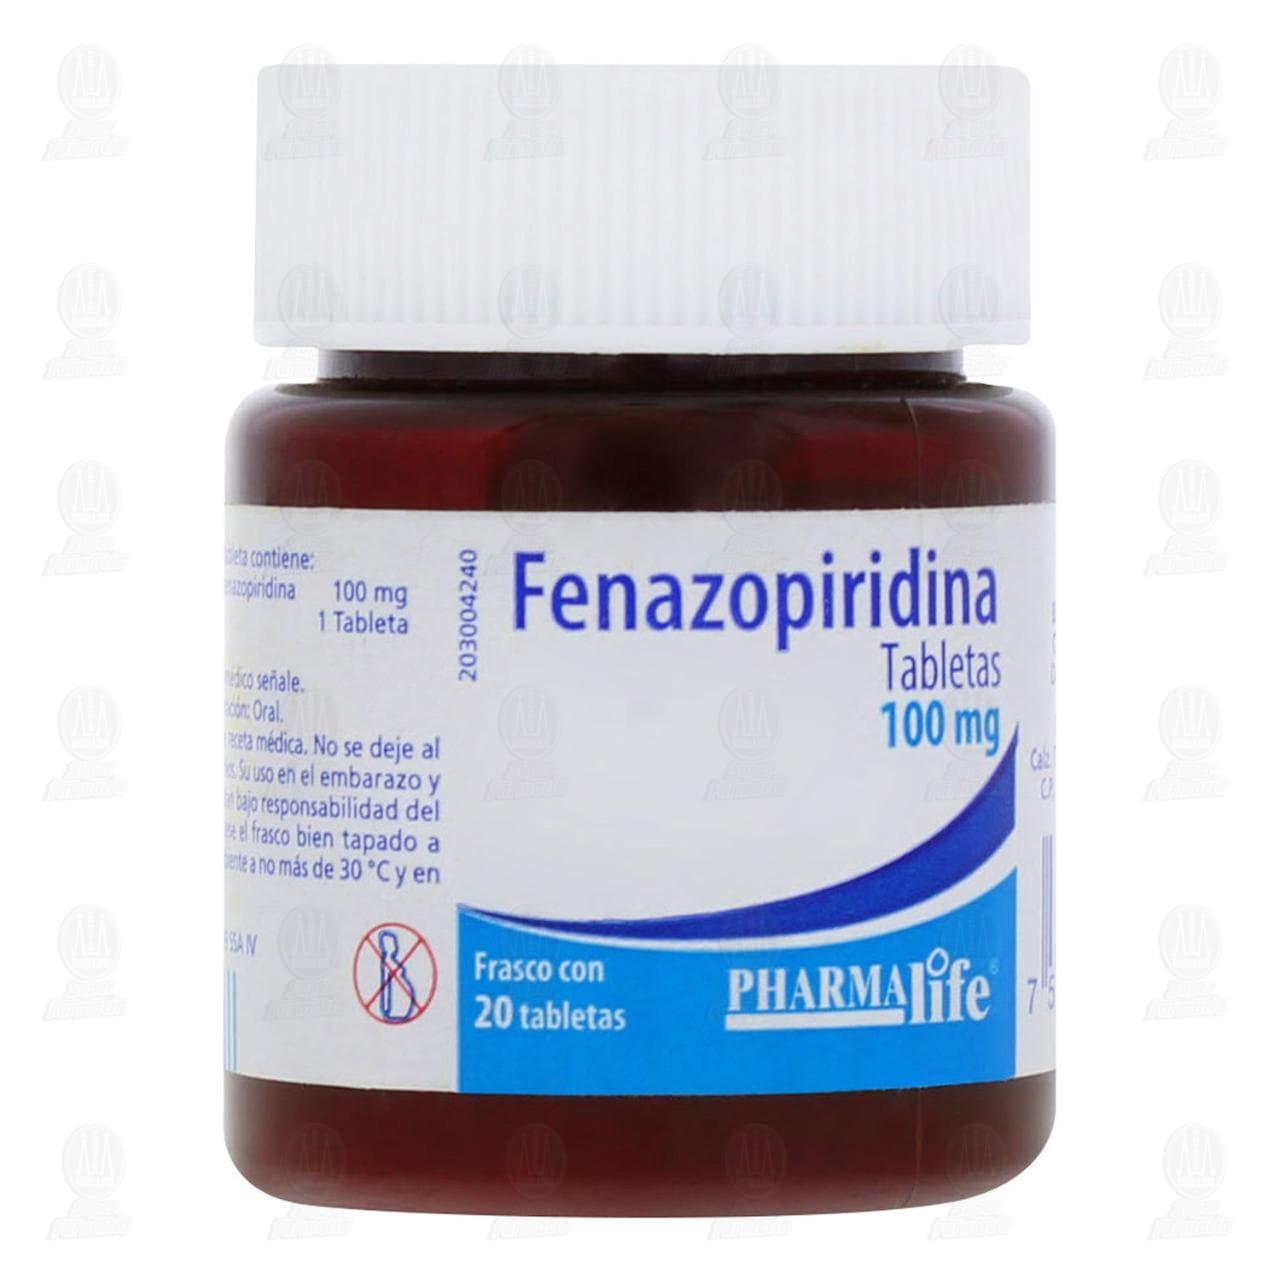 Comprar Fenazopiridina 100mg 20 Tabletas en Farmacias Guadalajara